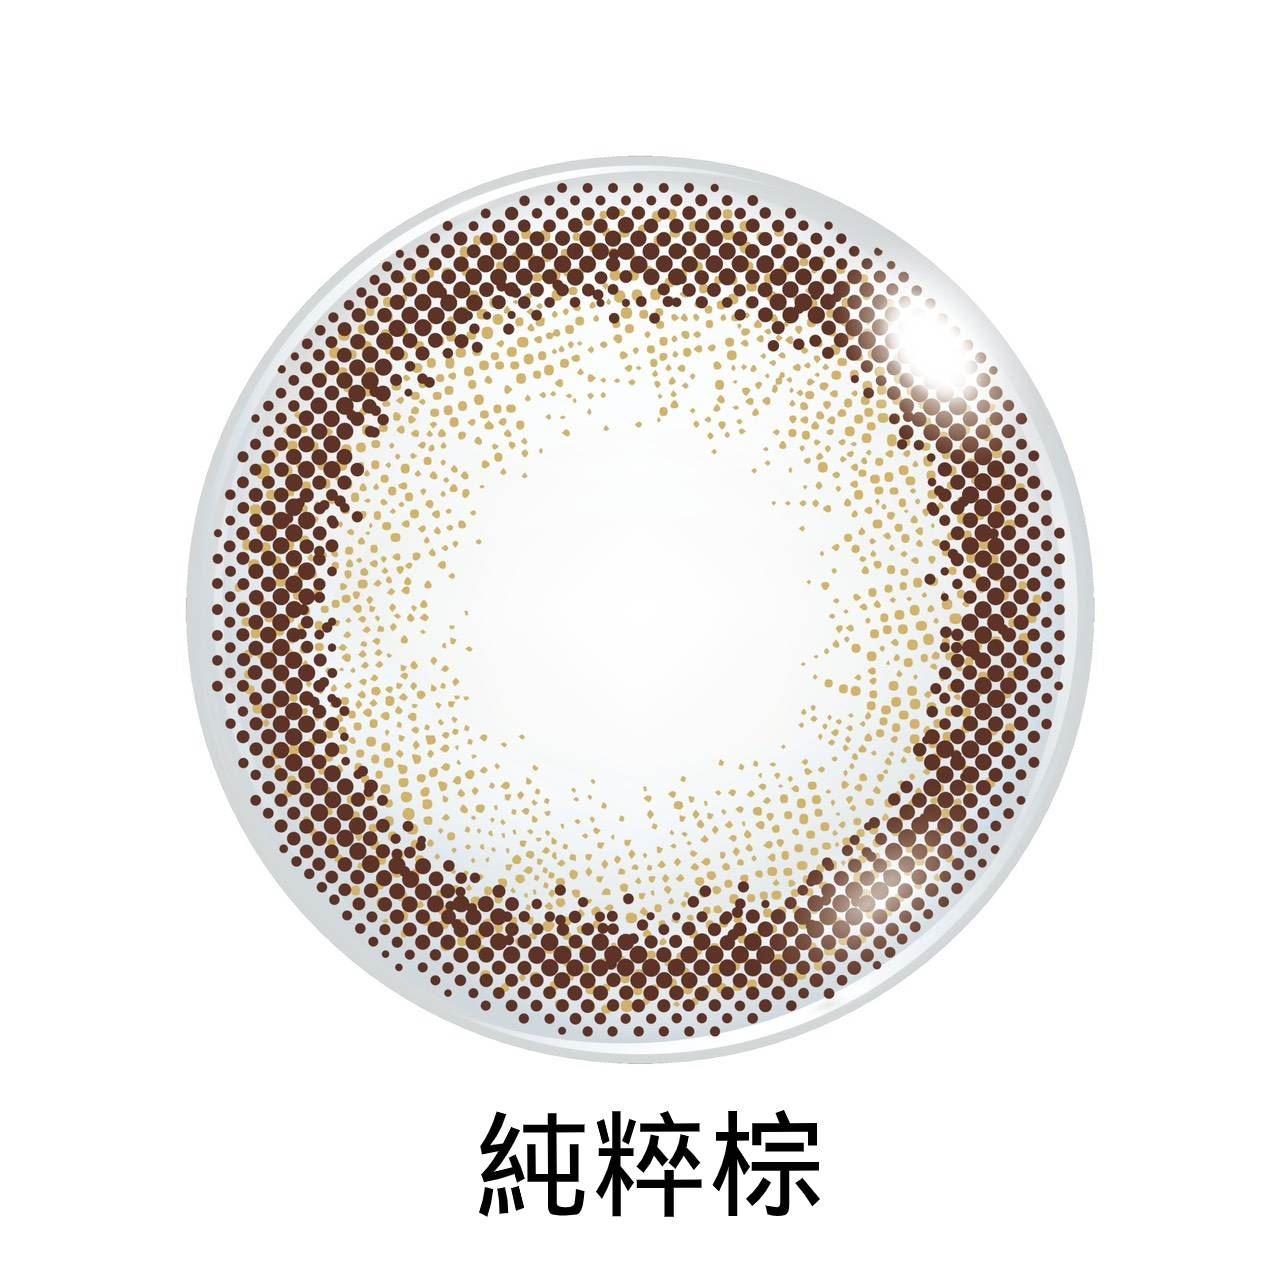 緹艾絲彩色日拋(10片裝)8